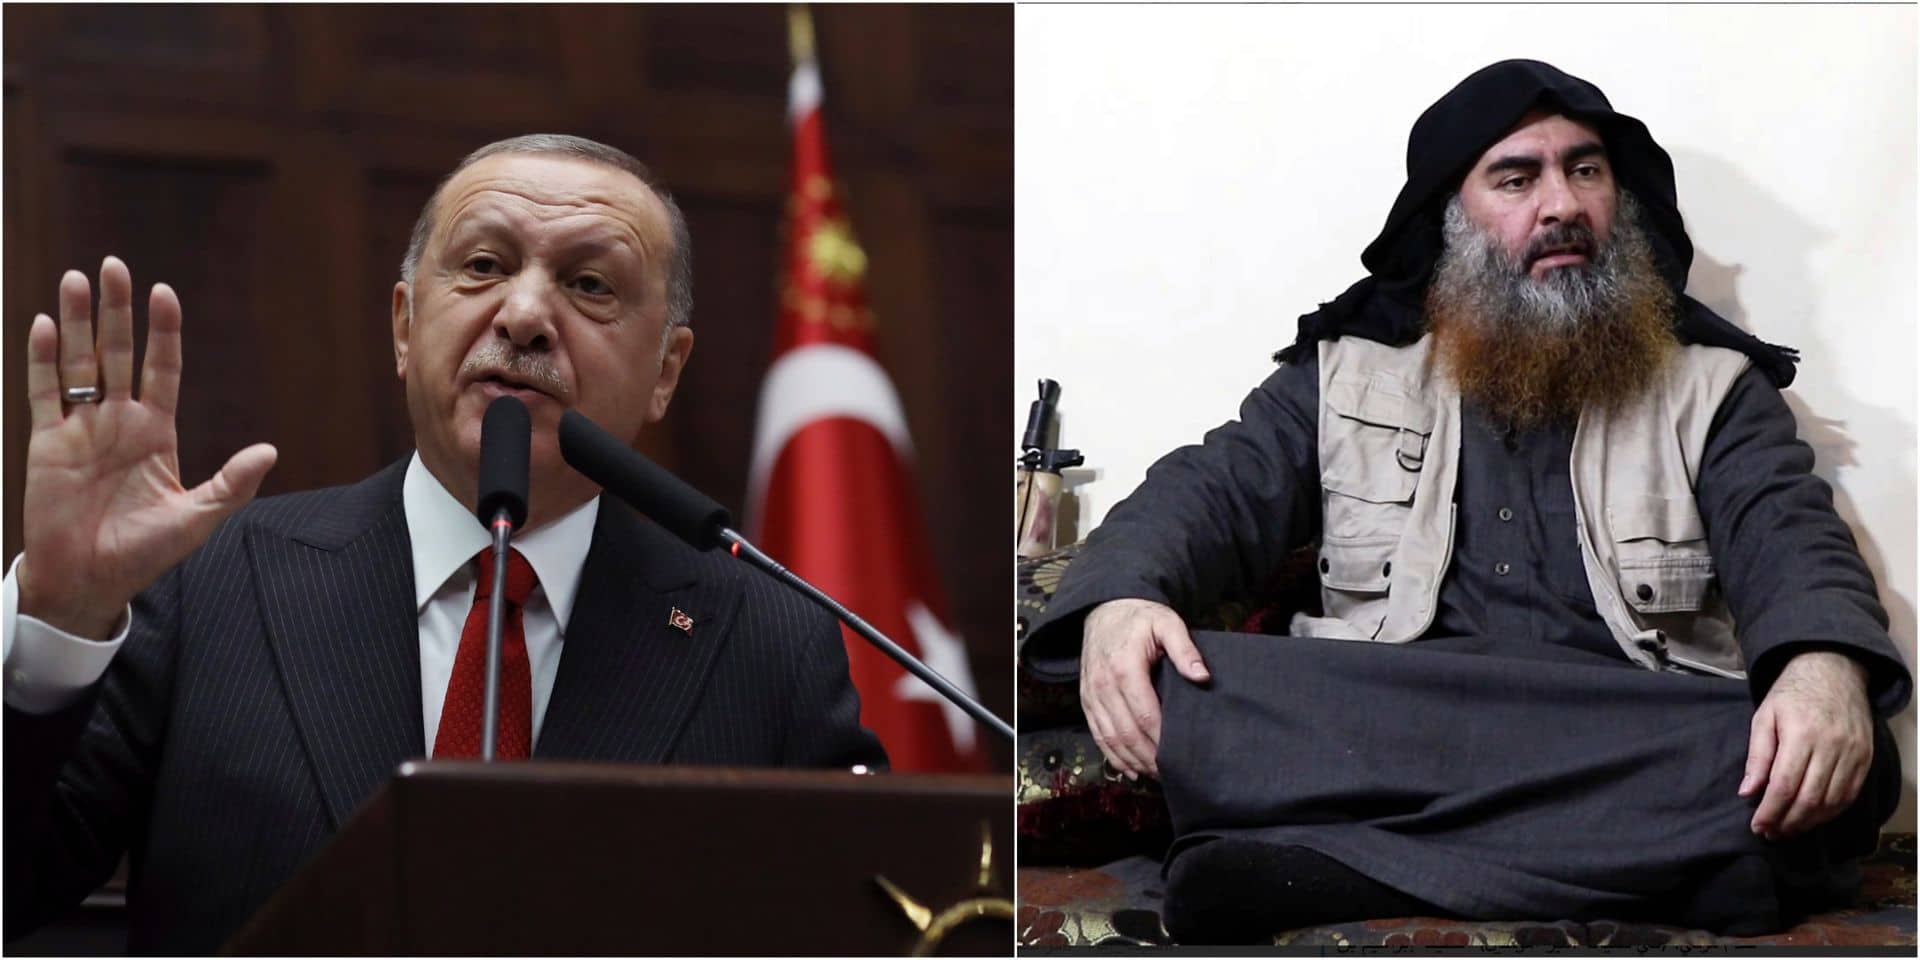 Chef du groupe de l'Etat islamique tué: Erdogan affirme que la Turquie a arrêté la femme de Baghdadi